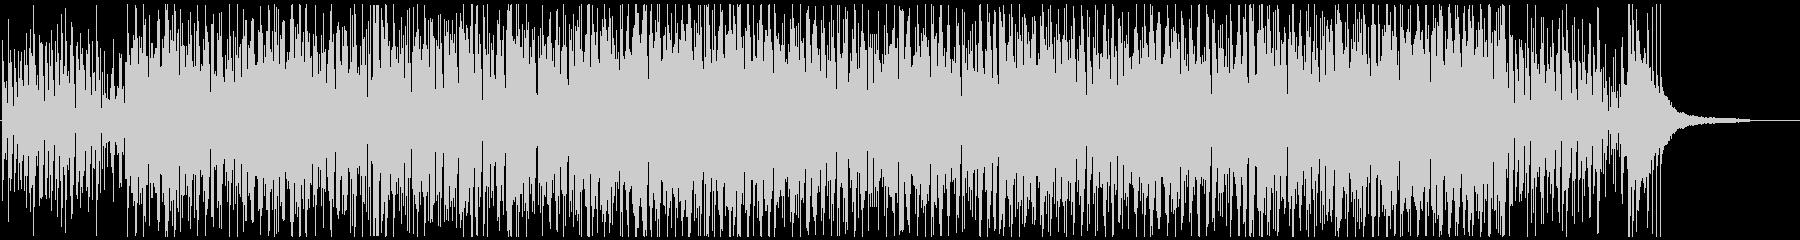 疾走感あるおしゃれなピアノジャズボサノバの未再生の波形